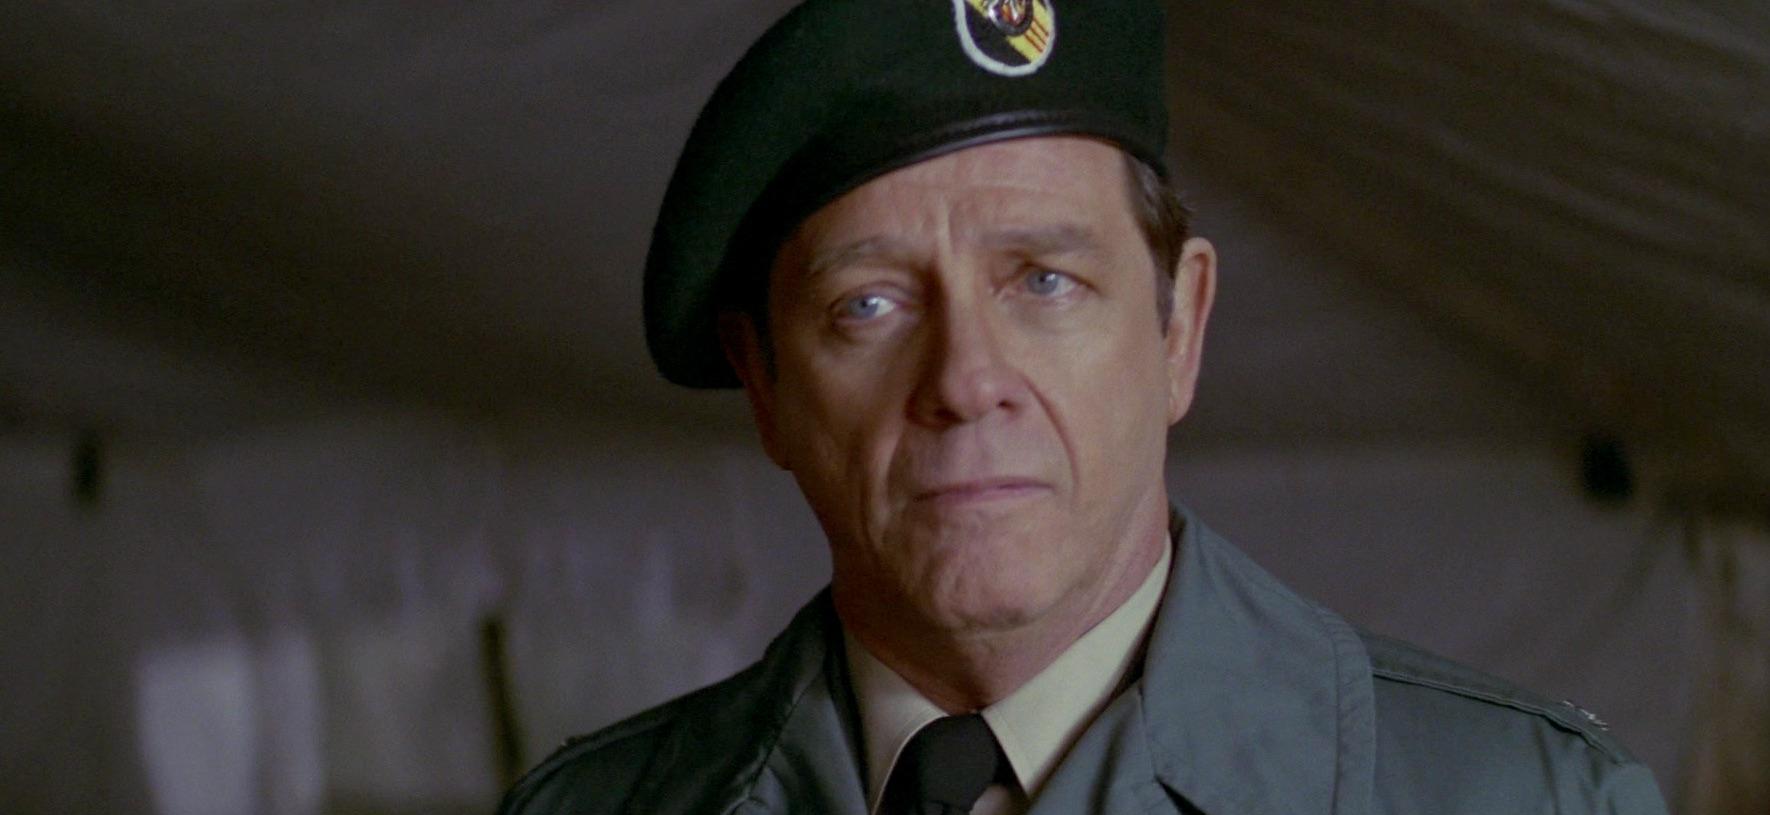 【ネタバレ】トラウトマン大佐が本来持っていた役割